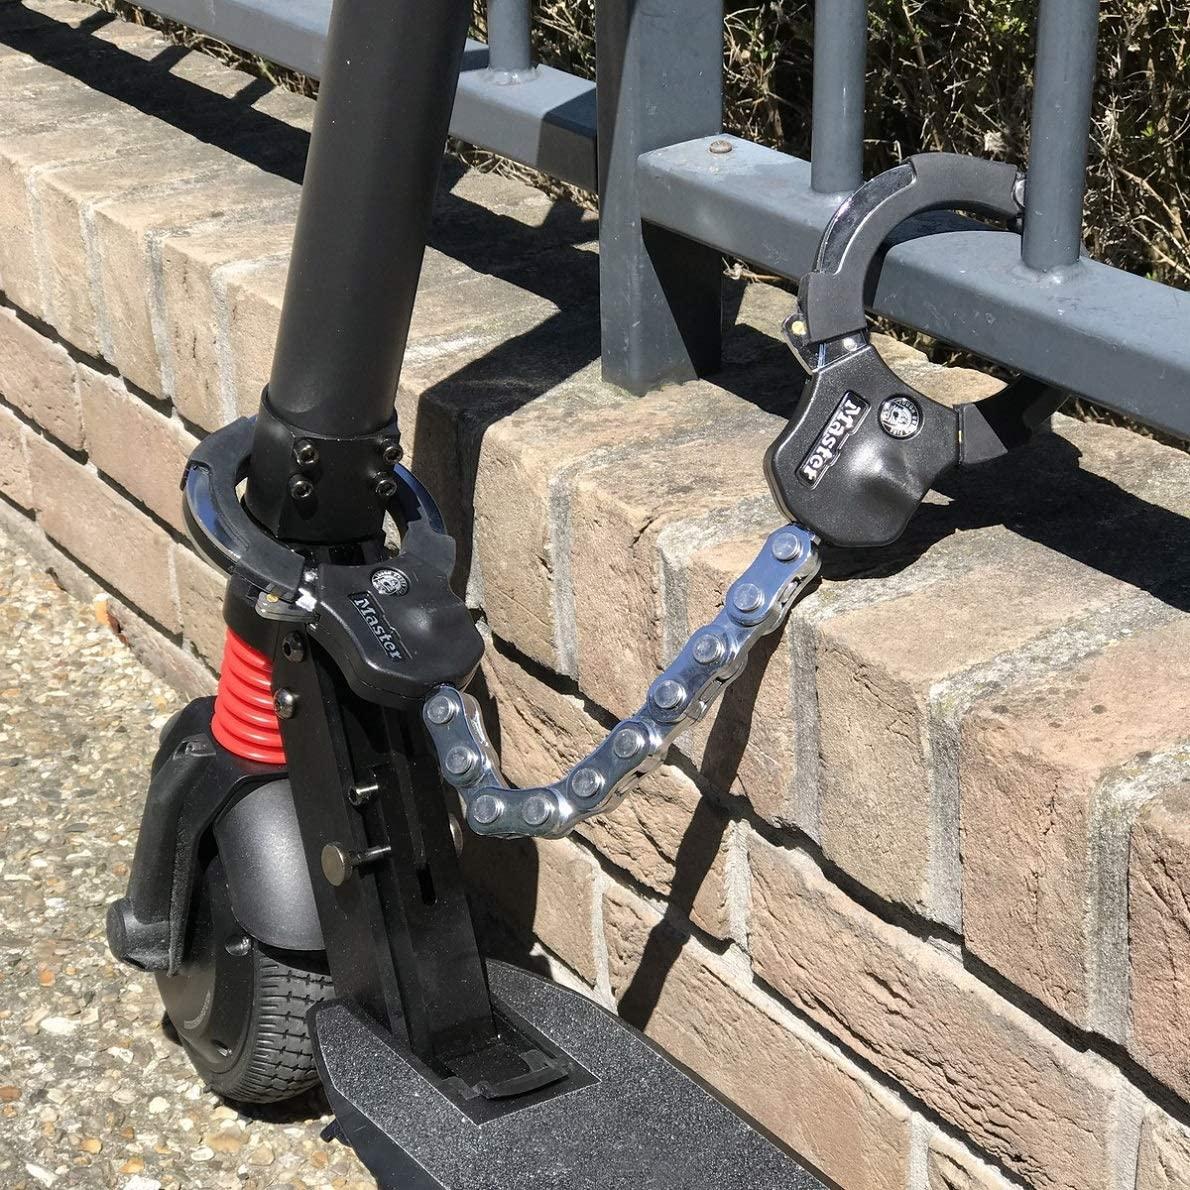 MASTER LOCK Antifurto per Bicicletta [Manette] [Serratura a Chiave